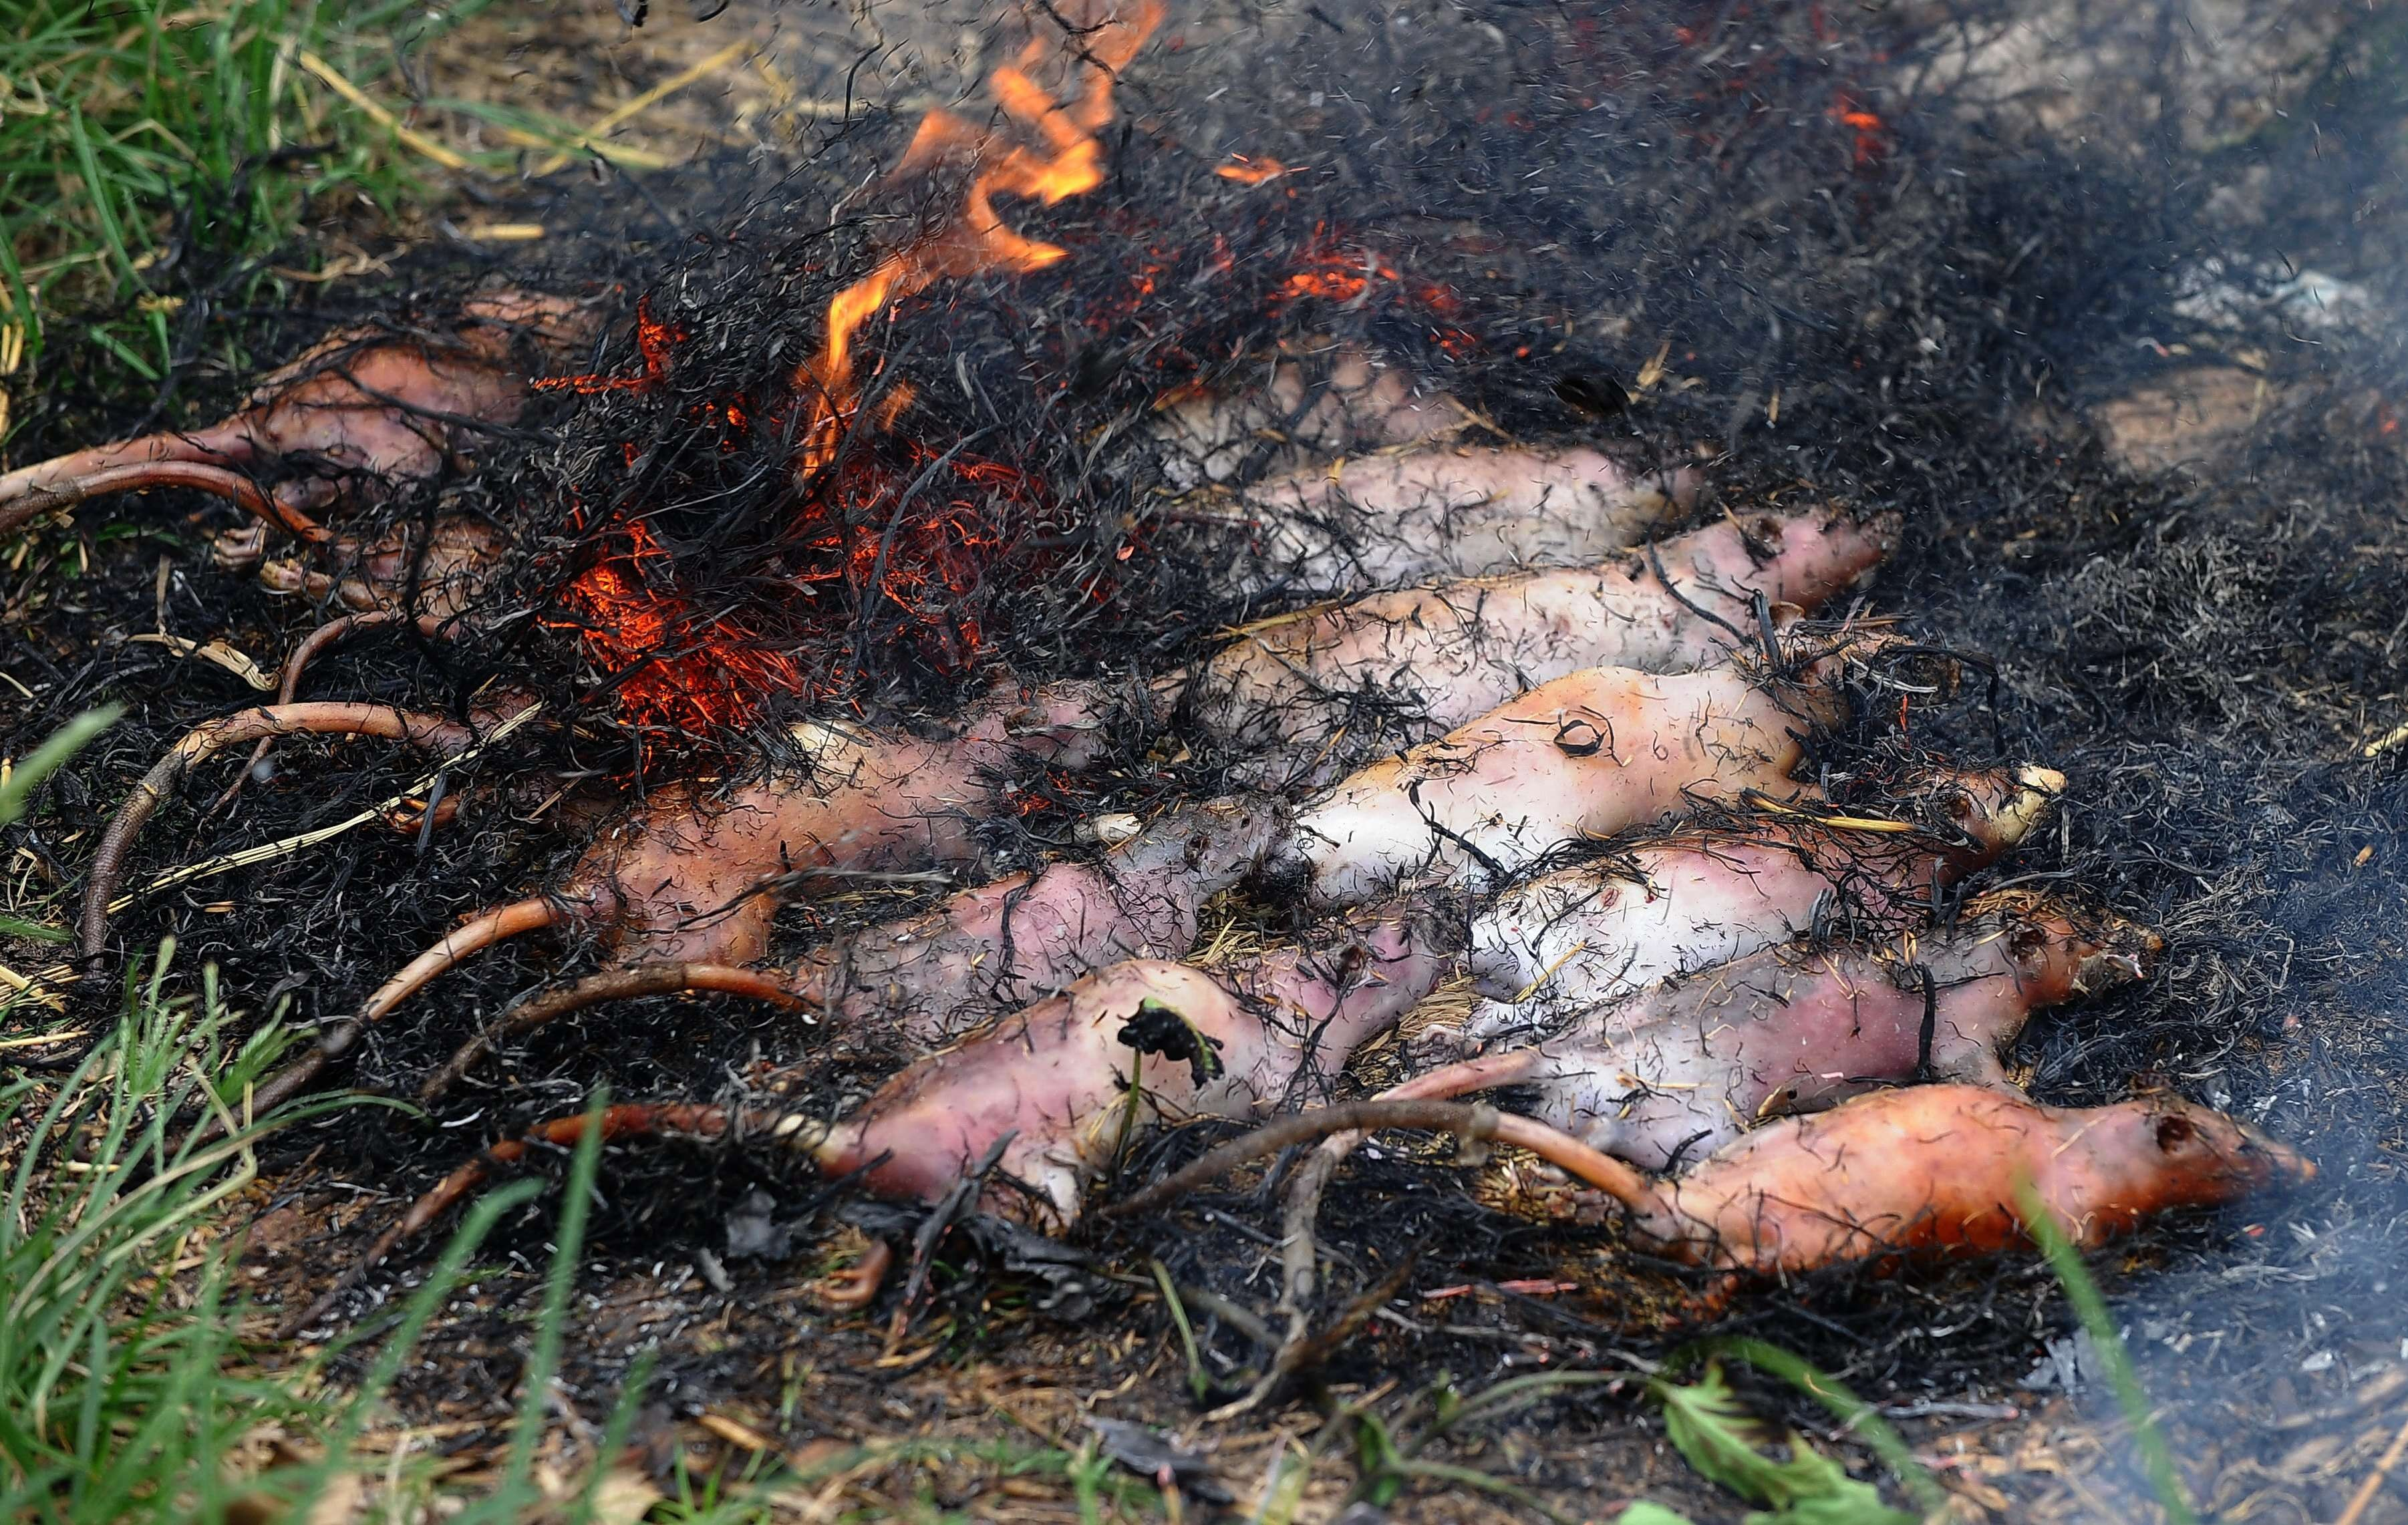 Крысы в собственном соку (Вьетнам)